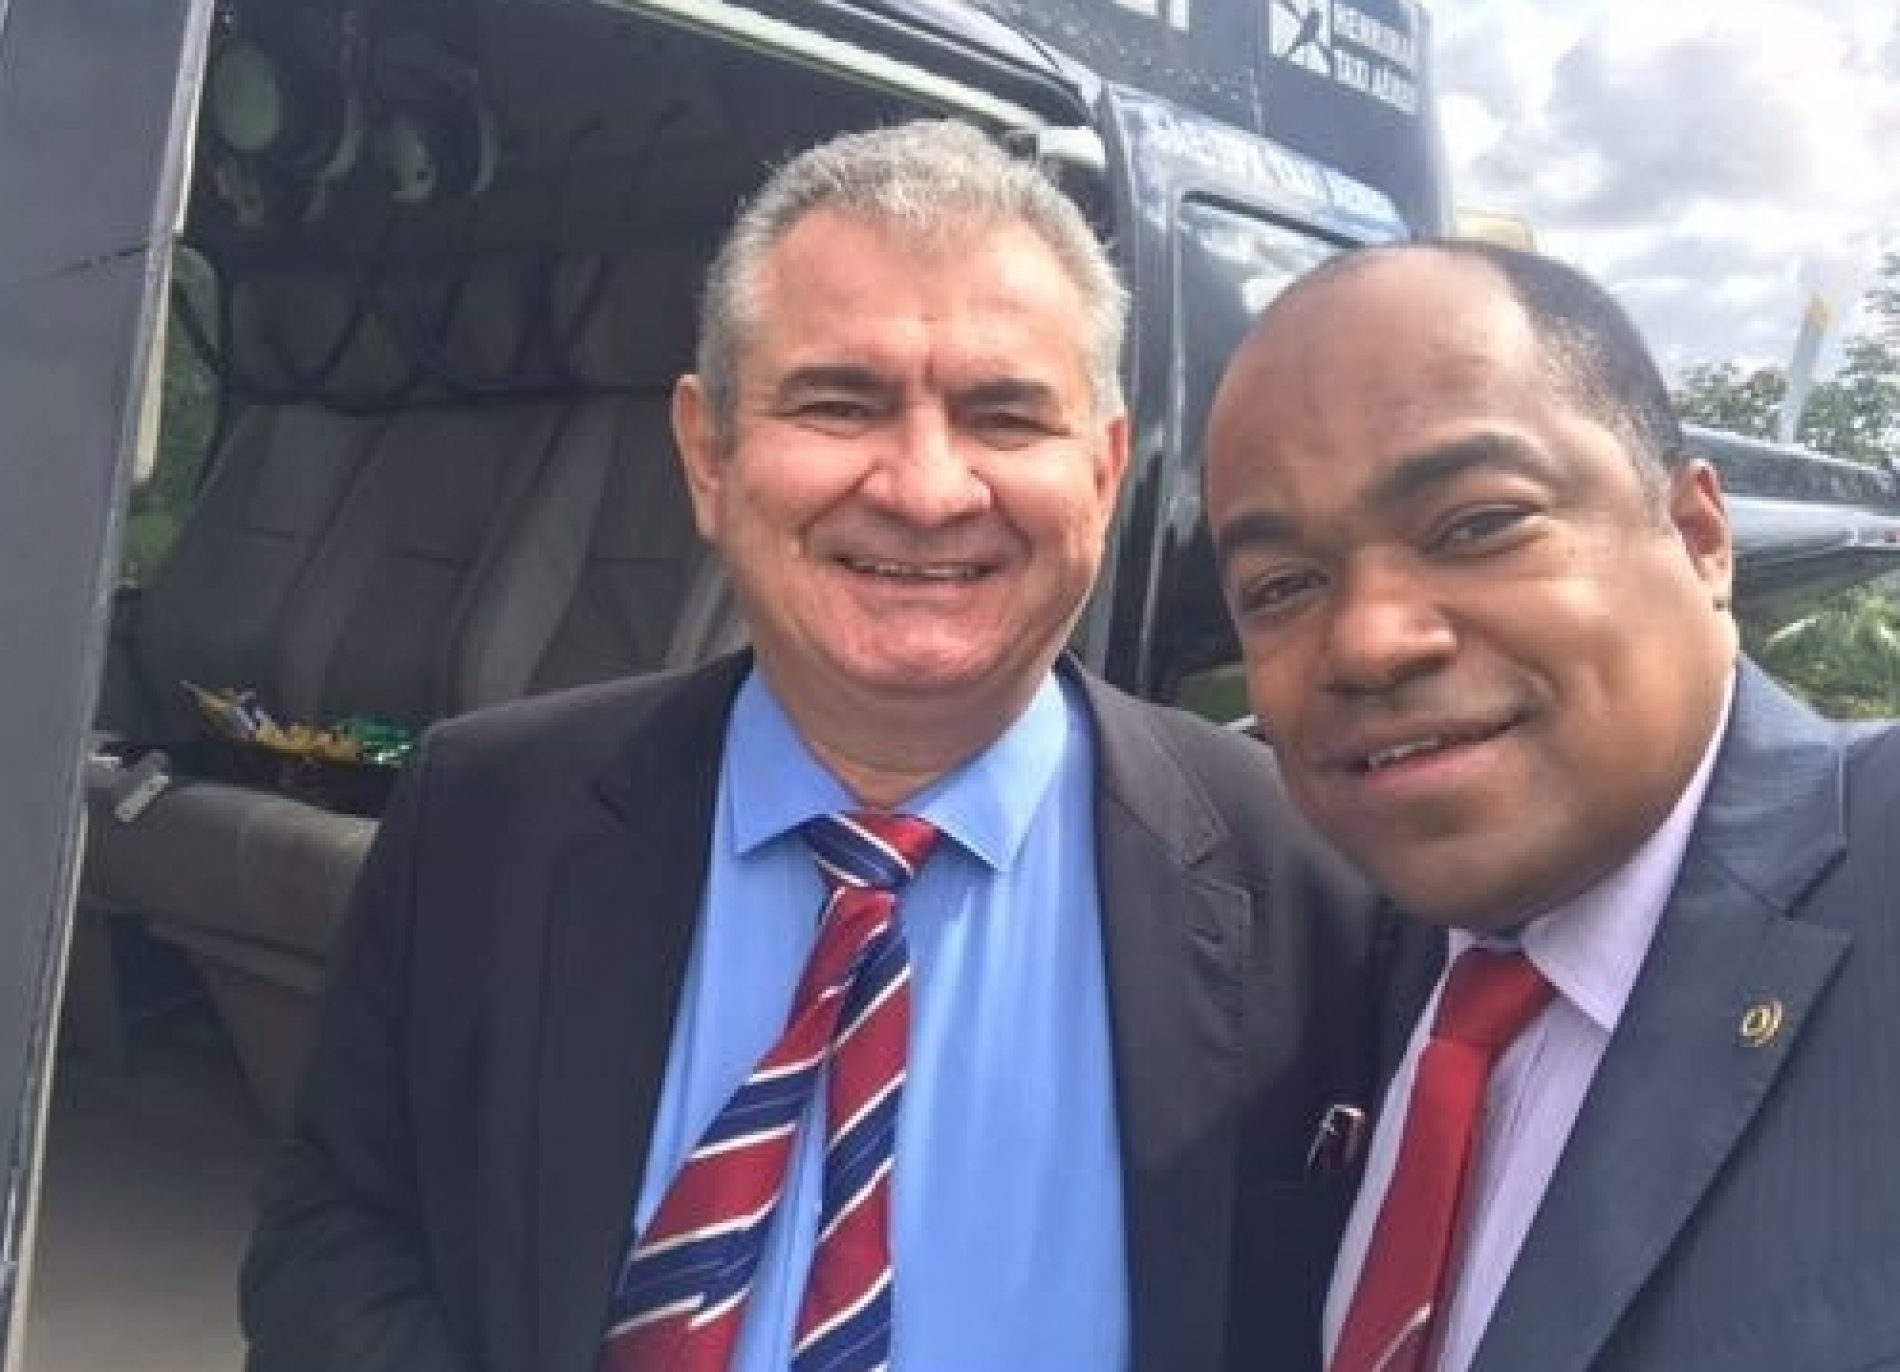 Valença: Samuel Junior lança Coronel como alternativa ao governo da Bahia em 2018